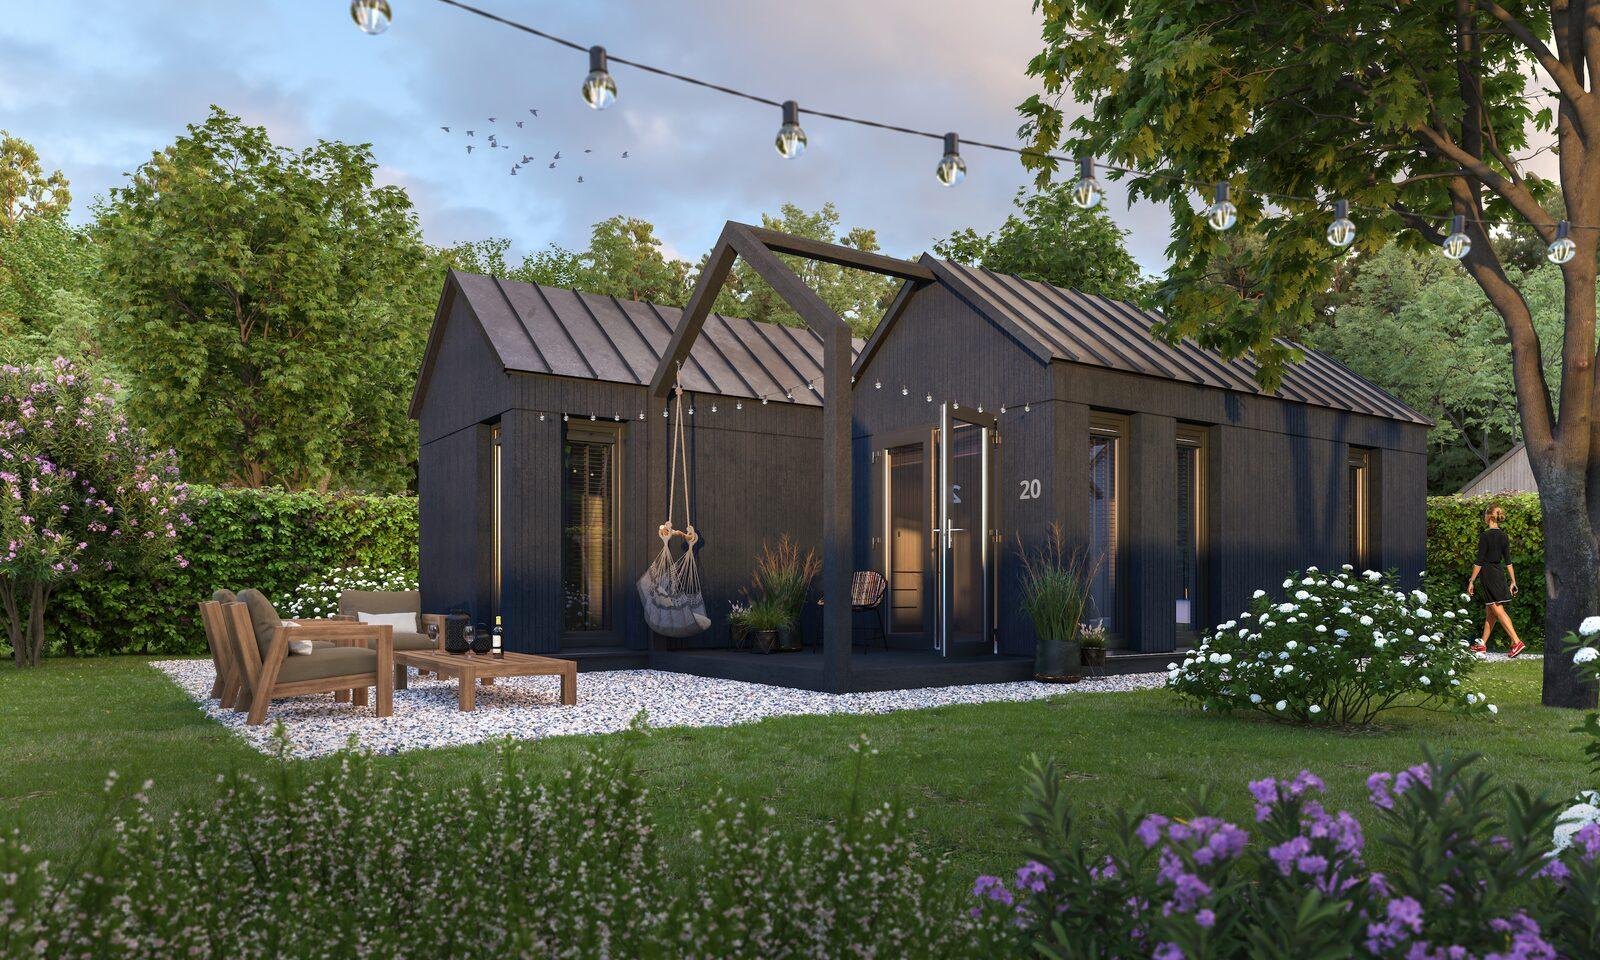 Onze prachtige nieuwe Tiny Houses vanaf mei 2022!